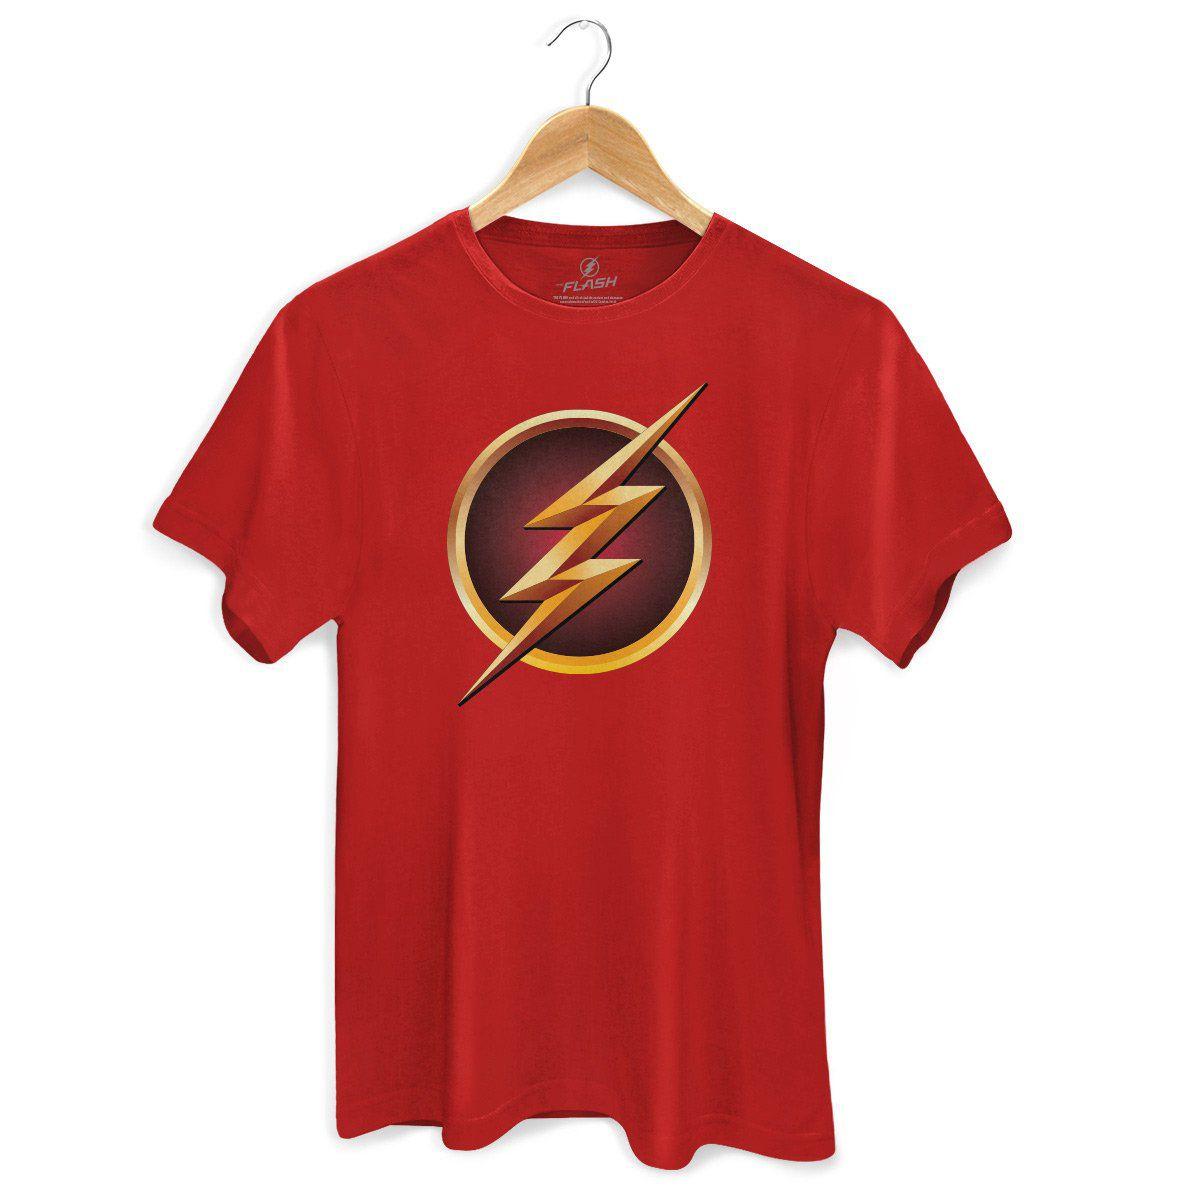 Camiseta Masculina The Flash Serie Logo Gold  - bandUP Store Marketplace